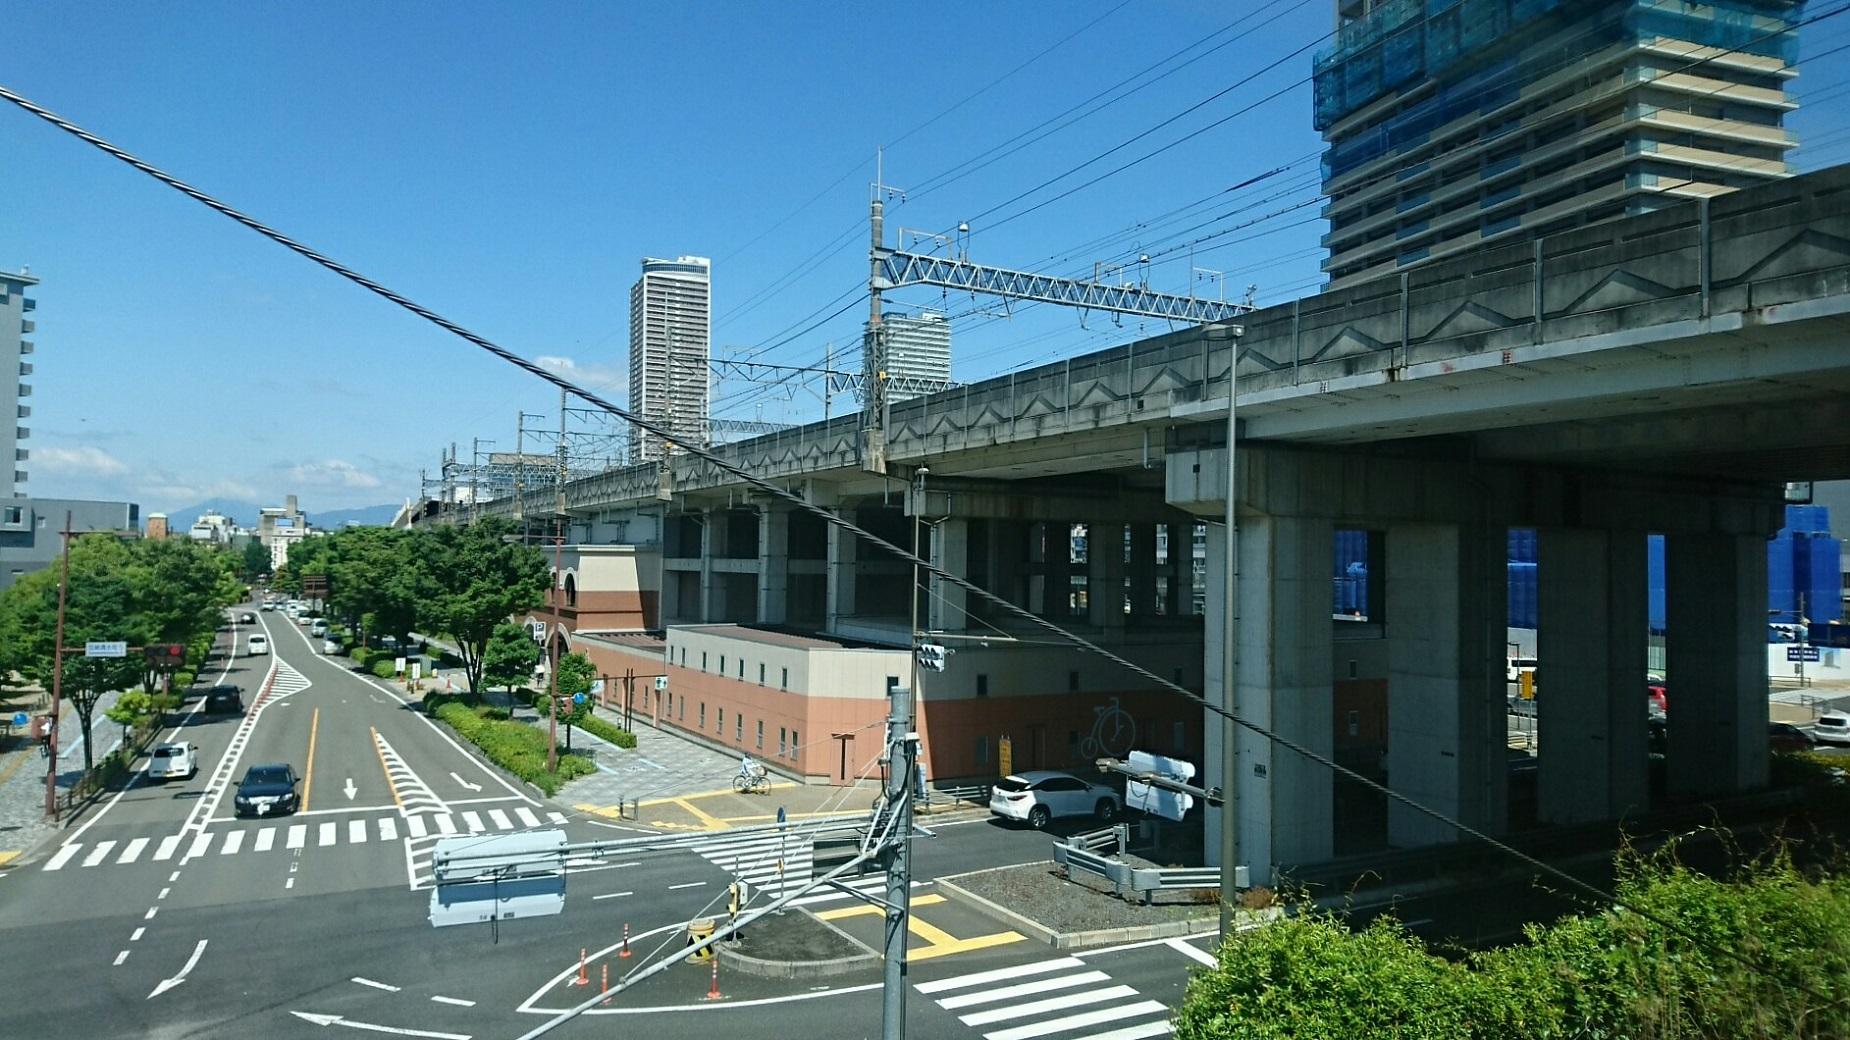 2018.6.1 岐阜 (14) 岐阜いき特急 - 東海道線のみなみ 1850-1040